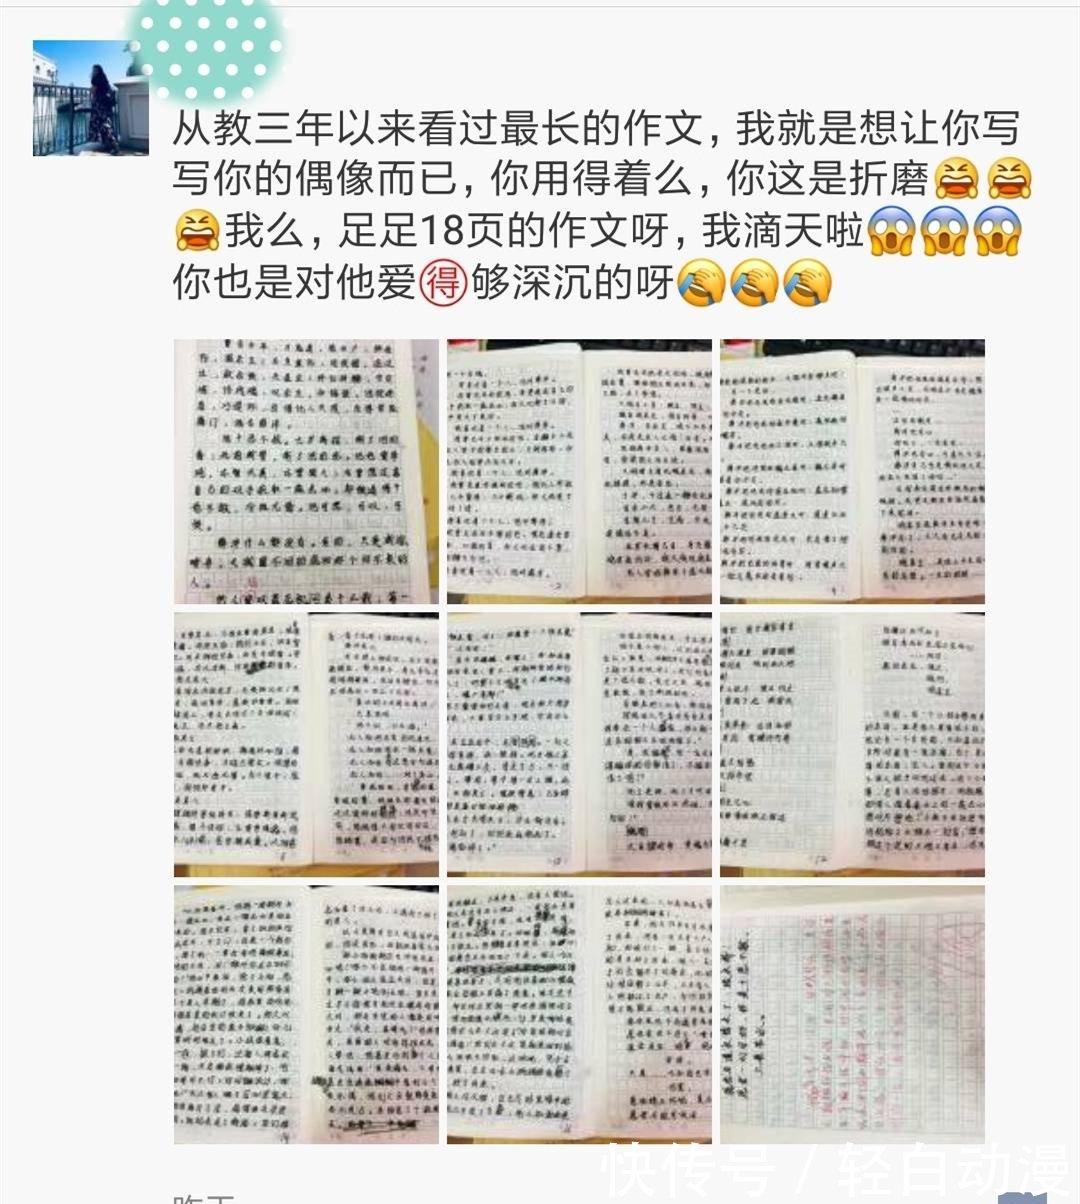 魔道文员:初中生写偶像薛洋作文十八页,祖师批想学初中毕业老师可行图片